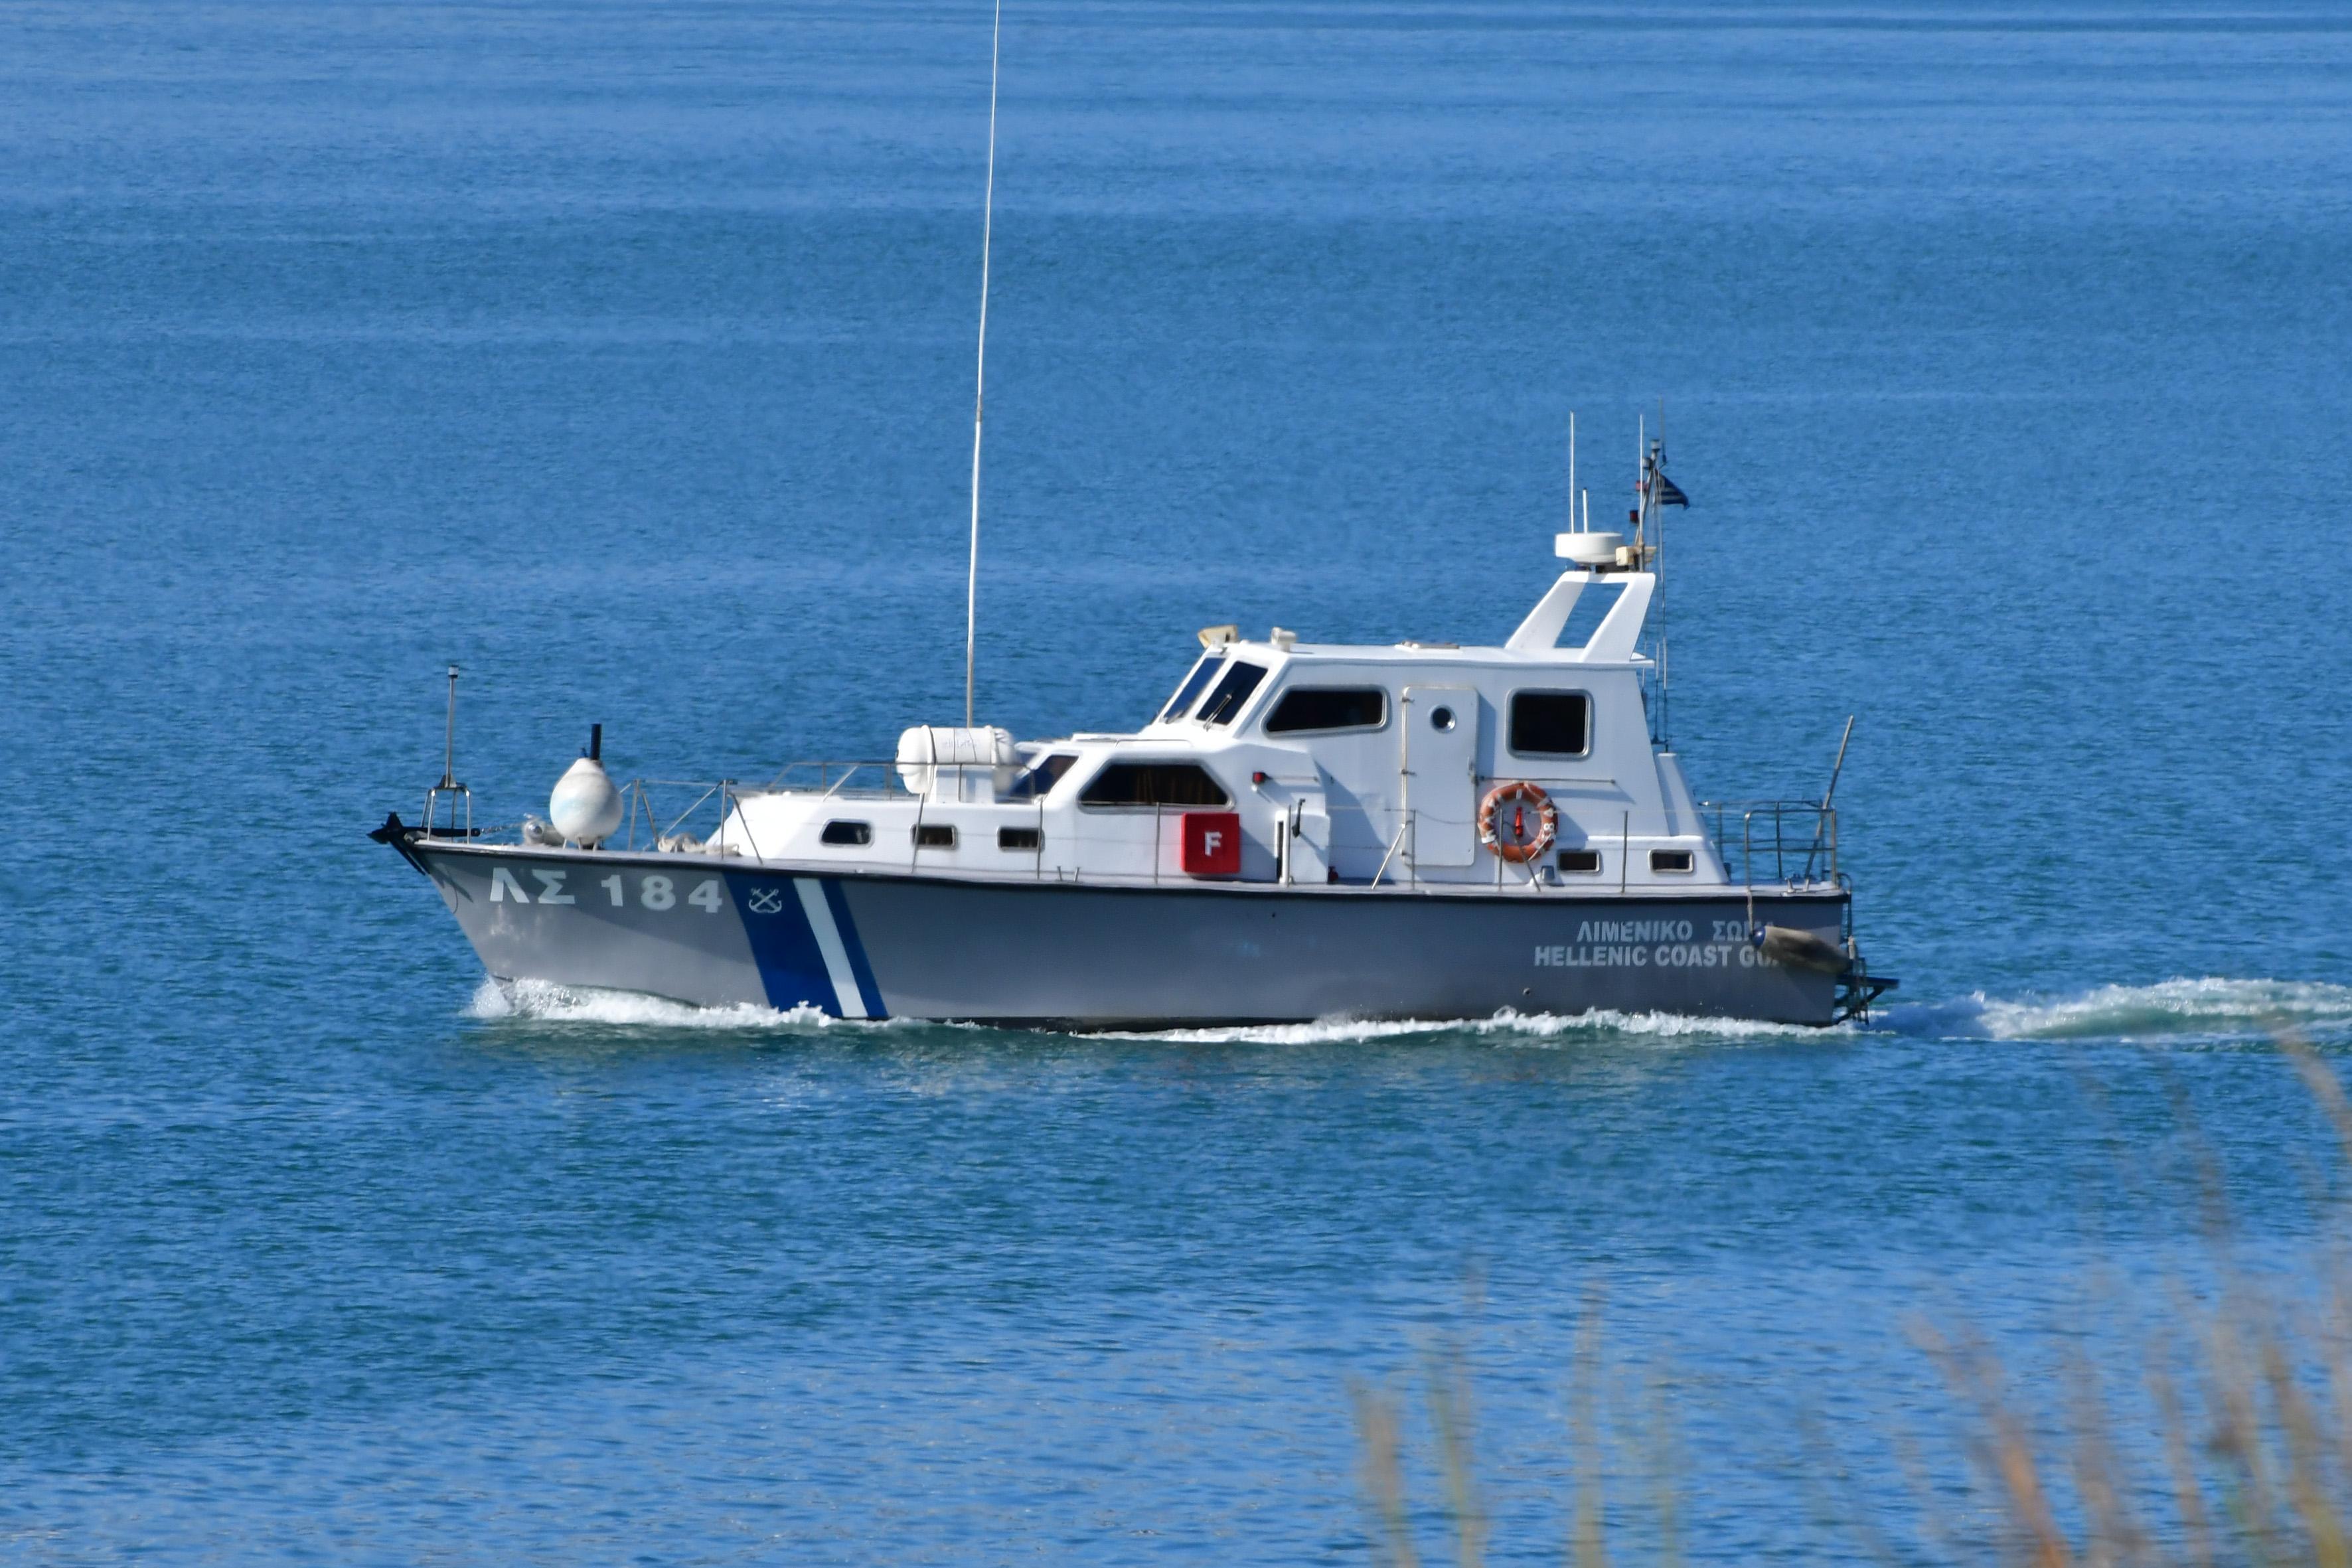 Τον πήρε ο ύπνος σε στρώμα θαλάσσης και παρασύρθηκε από τα ρεύματα   tovima.gr